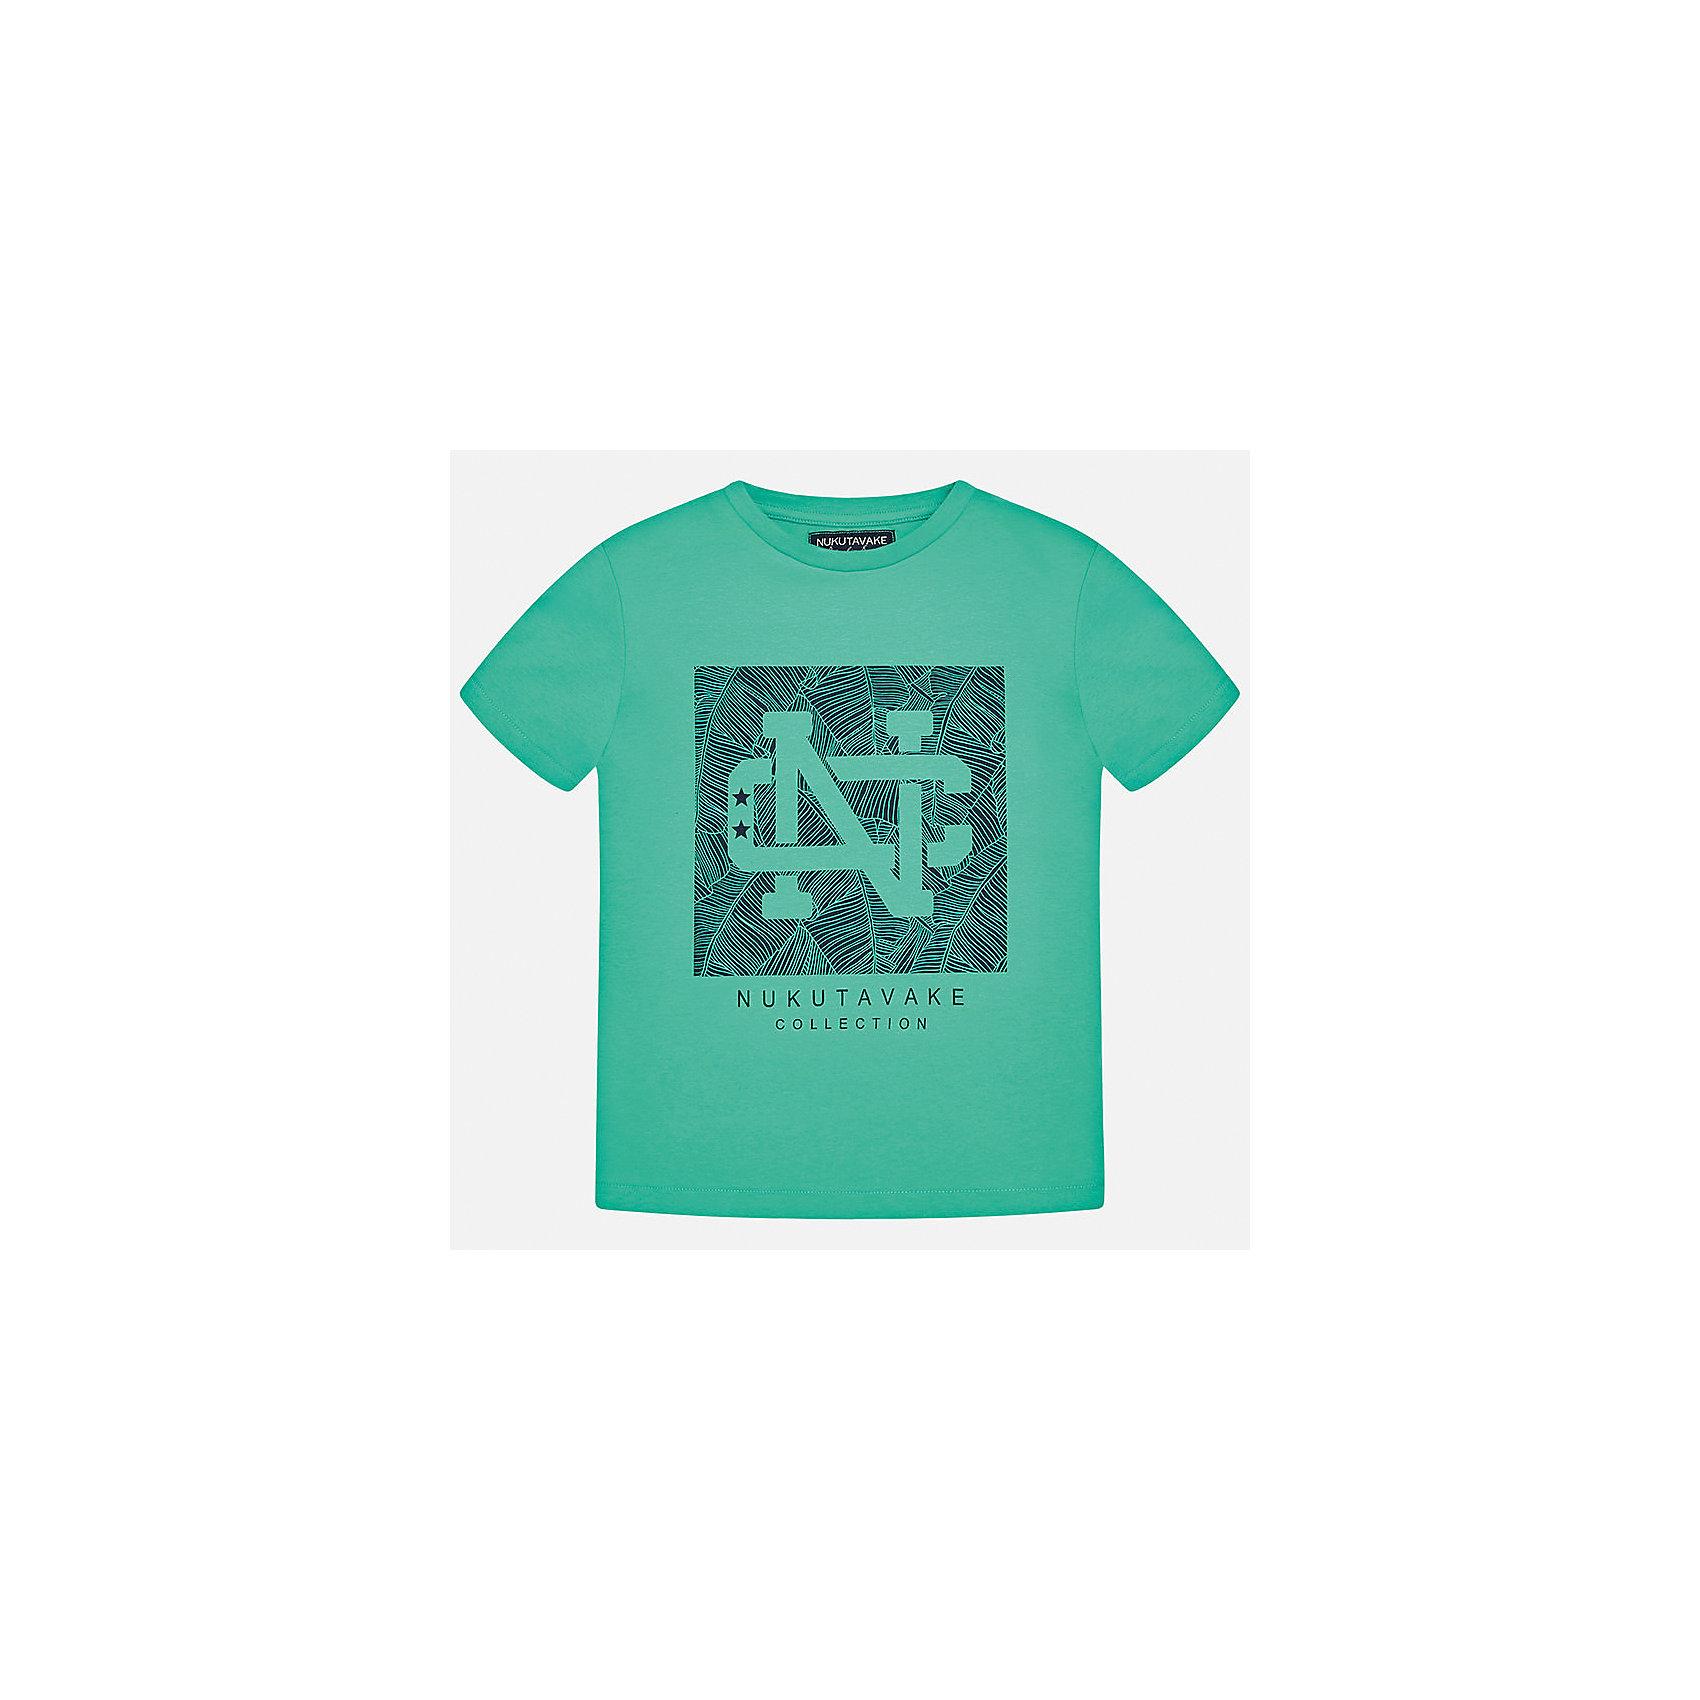 Футболка для мальчика MayoralФутболки, поло и топы<br>Характеристики товара:<br><br>• цвет: зеленый<br>• состав: 100% хлопок<br>• круглый горловой вырез<br>• декорирована принтом<br>• короткие рукава<br>• отделка горловины<br>• страна бренда: Испания<br><br>Стильная удобная футболка с принтом поможет разнообразить гардероб мальчика. Она отлично сочетается с брюками, шортами, джинсами. Универсальный крой и цвет позволяет подобрать к вещи низ разных расцветок. Практичное и стильное изделие! Хорошо смотрится и комфортно сидит на детях. В составе материала - натуральный хлопок, гипоаллергенный, приятный на ощупь, дышащий. <br><br>Одежда, обувь и аксессуары от испанского бренда Mayoral полюбились детям и взрослым по всему миру. Модели этой марки - стильные и удобные. Для их производства используются только безопасные, качественные материалы и фурнитура. Порадуйте ребенка модными и красивыми вещами от Mayoral! <br><br>Футболку для мальчика от испанского бренда Mayoral (Майорал) можно купить в нашем интернет-магазине.<br><br>Ширина мм: 199<br>Глубина мм: 10<br>Высота мм: 161<br>Вес г: 151<br>Цвет: зеленый<br>Возраст от месяцев: 156<br>Возраст до месяцев: 168<br>Пол: Мужской<br>Возраст: Детский<br>Размер: 170,158,140,128/134,152,164<br>SKU: 5278279